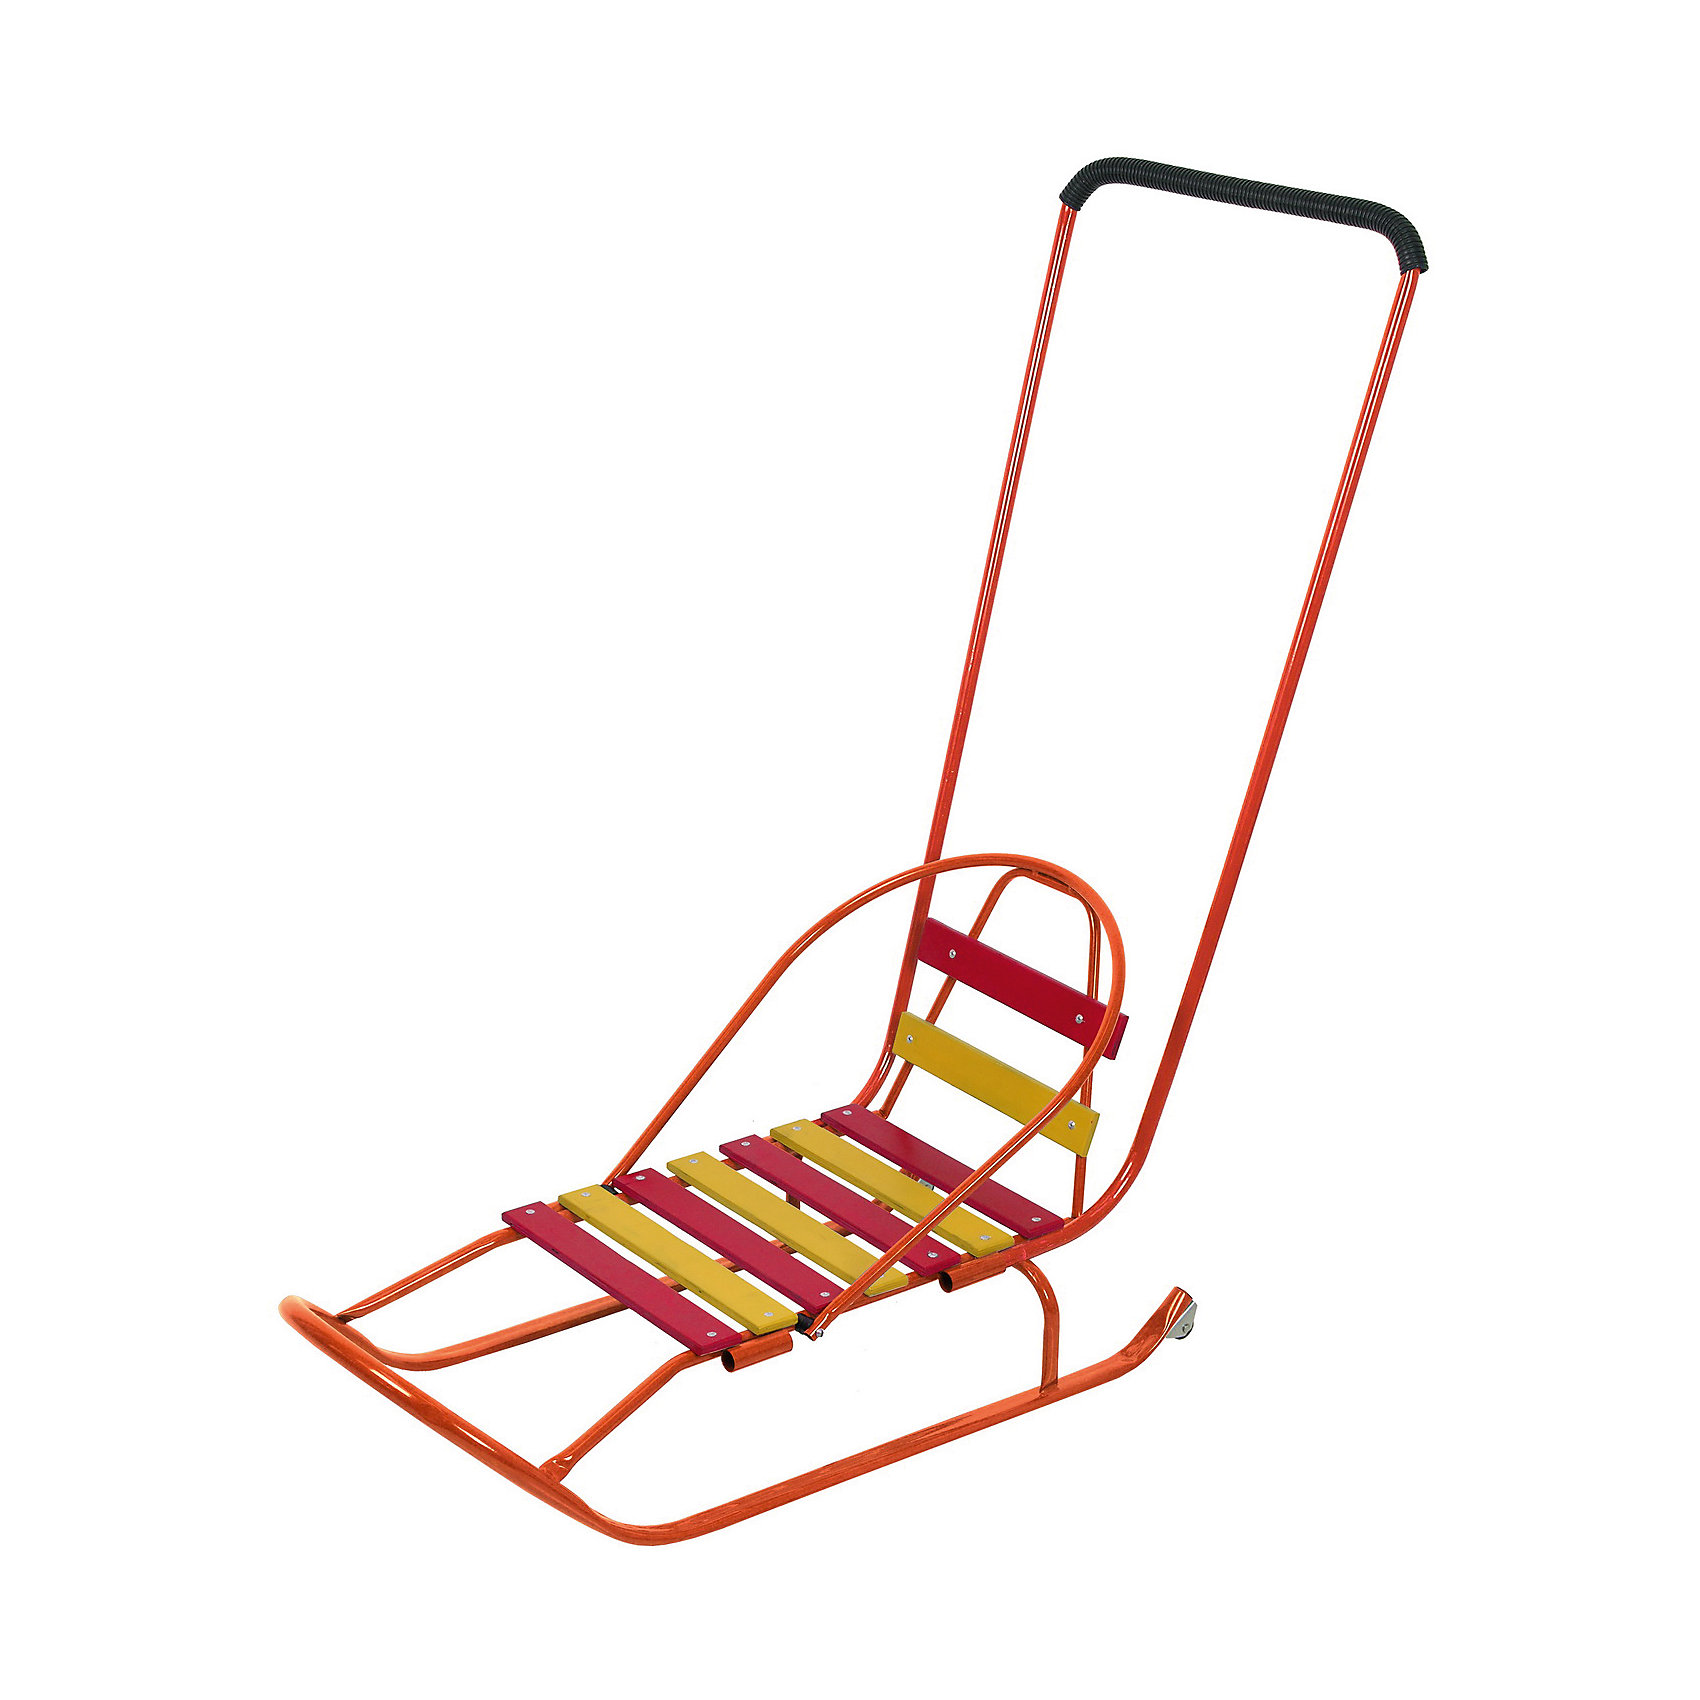 Санки Чемпион 2, оранжевыйСанки Чемпион 2, оранжевый произведены отечественным торговым брендом Фея. Санки выполнены в классическом исполнении: металлический каркас, широкие плоские полозья, которые обеспечивают удобство, безопасность и устойчивость при движении. Сидение и спинка выполнены из деревянных окрашенных реек. Сани оснащены толкателем, который устанавливается в двух положениях, и прочным шнуром. Детские санки окрашены в яркие цвета. Повышенная проходимость обеспечена за счет колесиков на краях полозьев. <br><br>Дополнительная информация:<br><br>- Предназначение: для зимних прогулок<br>- Материал: металл, дерево<br>- Пол: для мальчика/для девочки<br>- Максимальный вес: 50 кг<br>- Цвет: оранжевый, красный, желтый<br>- Размер (Д*Ш*В): 98,5*101,5*40,5 см<br>- Вес: 3 кг 700 г<br>- Особенности ухода: можно протирать влажной губкой<br><br>Подробнее:<br><br>• Для детей в возрасте: от 10 месяцев и до 24 месяцев<br>• Страна производитель: Россия<br>• Торговый бренд: Фея<br><br>Санки Чемпион 2, оранжевый можно купить в нашем интернет-магазине.<br><br>Ширина мм: 980<br>Глубина мм: 400<br>Высота мм: 1000<br>Вес г: 3700<br>Возраст от месяцев: 10<br>Возраст до месяцев: 24<br>Пол: Унисекс<br>Возраст: Детский<br>SKU: 4936383